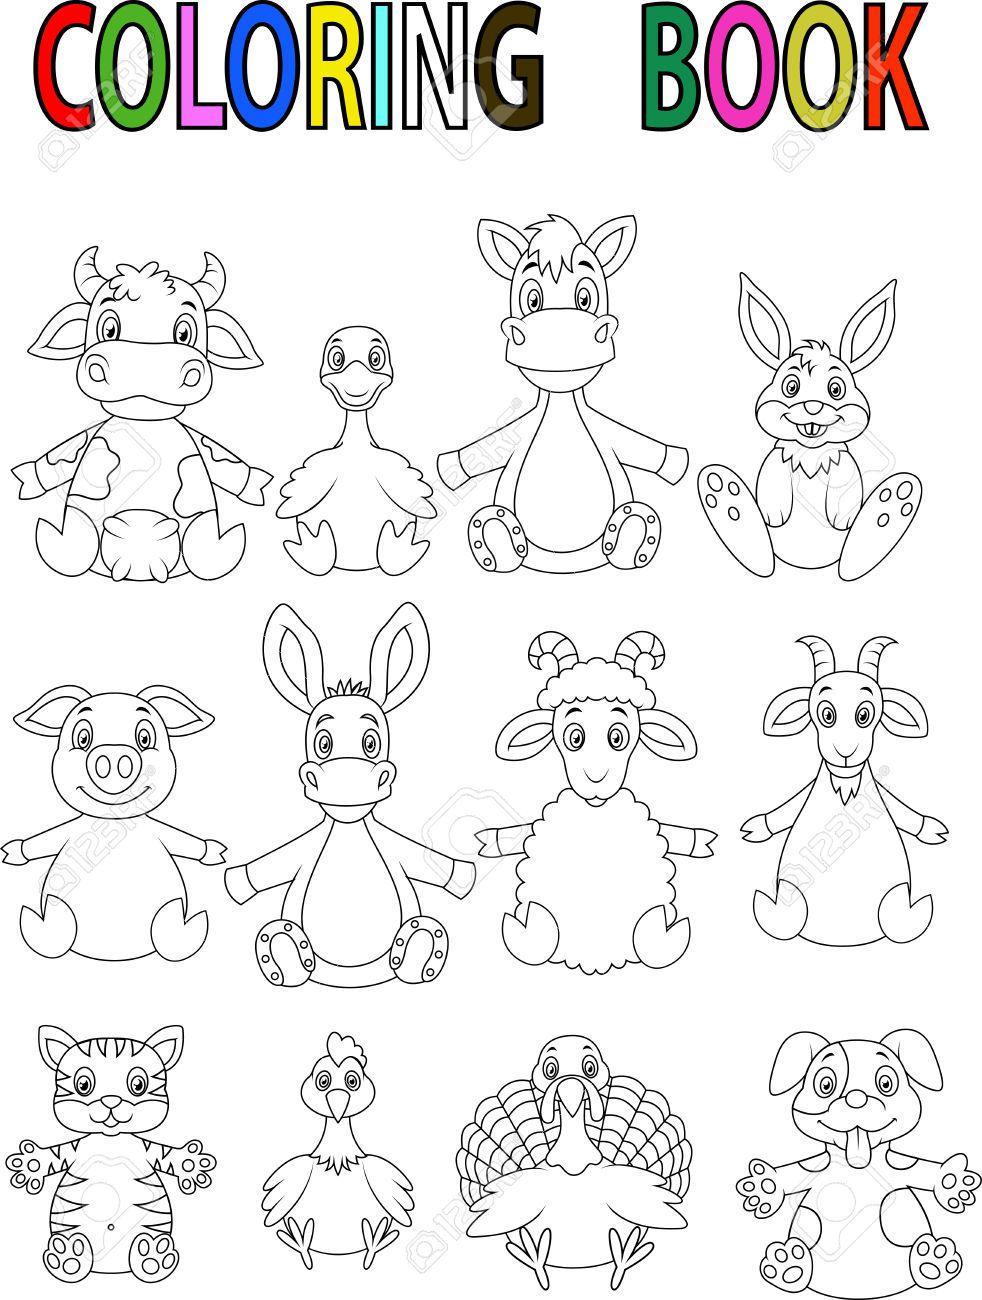 Animales de granja libro para colorear de dibujos animados | alma ...